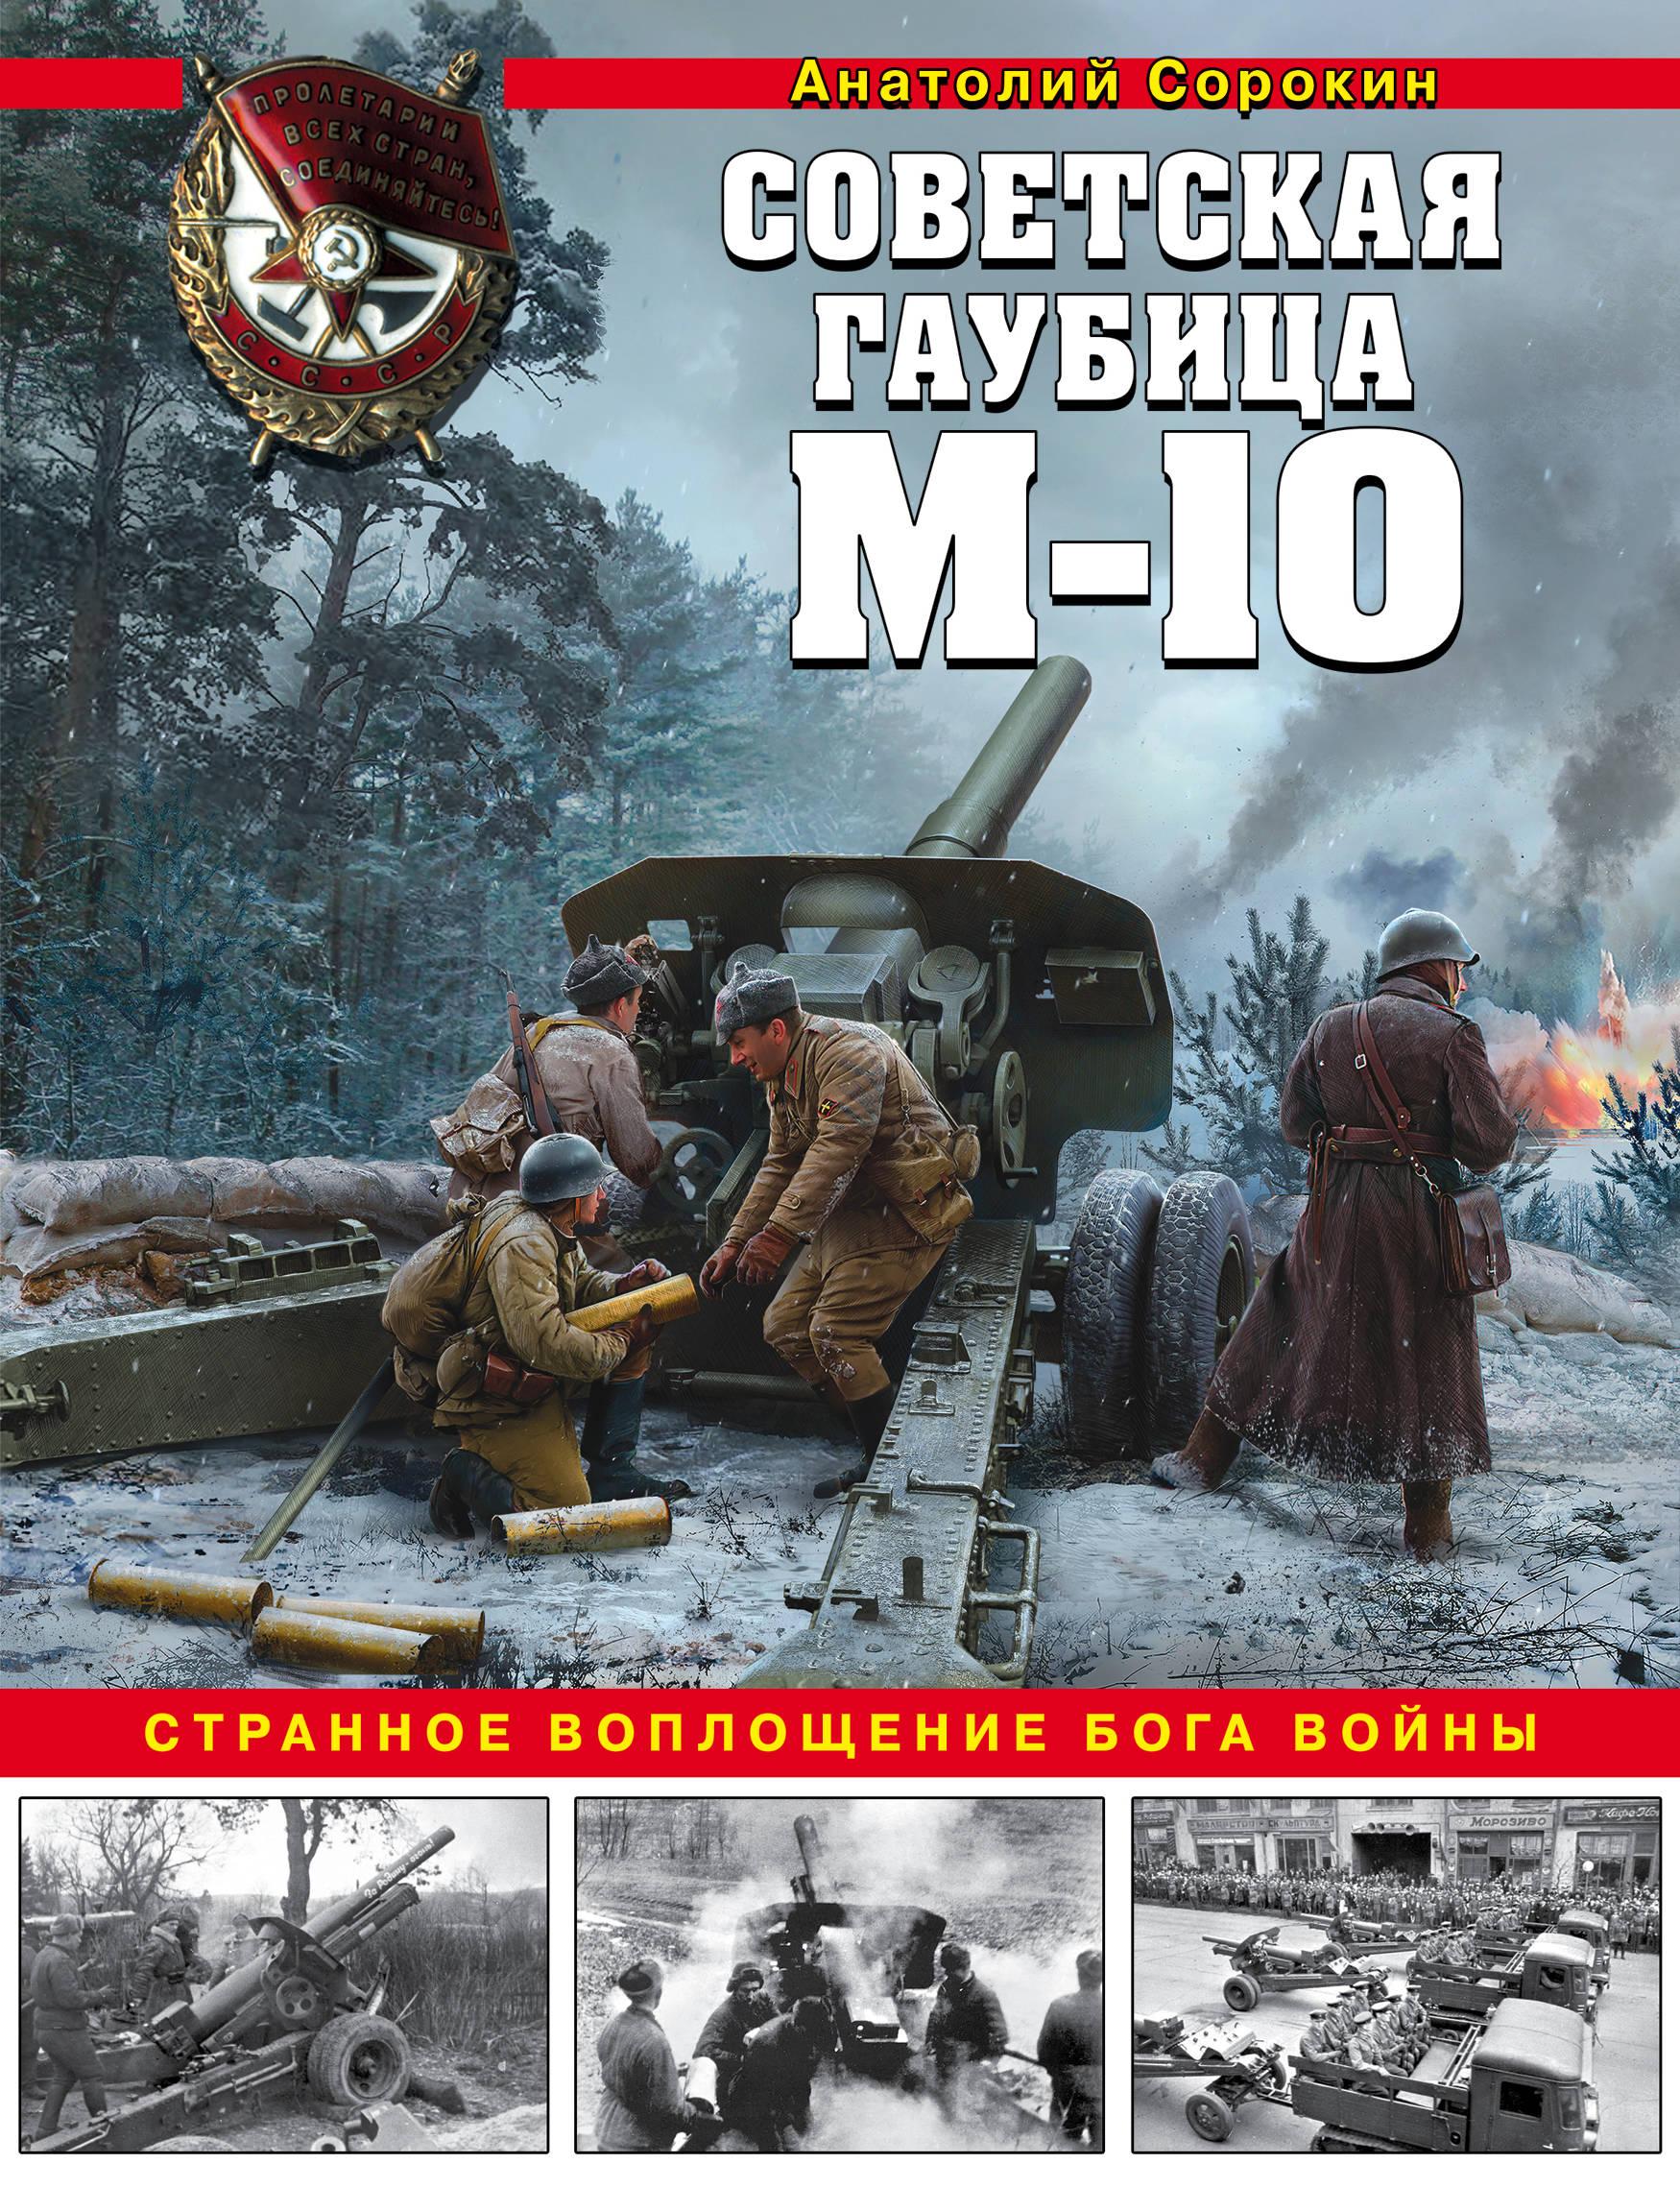 Sovetskaja gaubitsa M-10. Strannoe voploschenie boga vojny